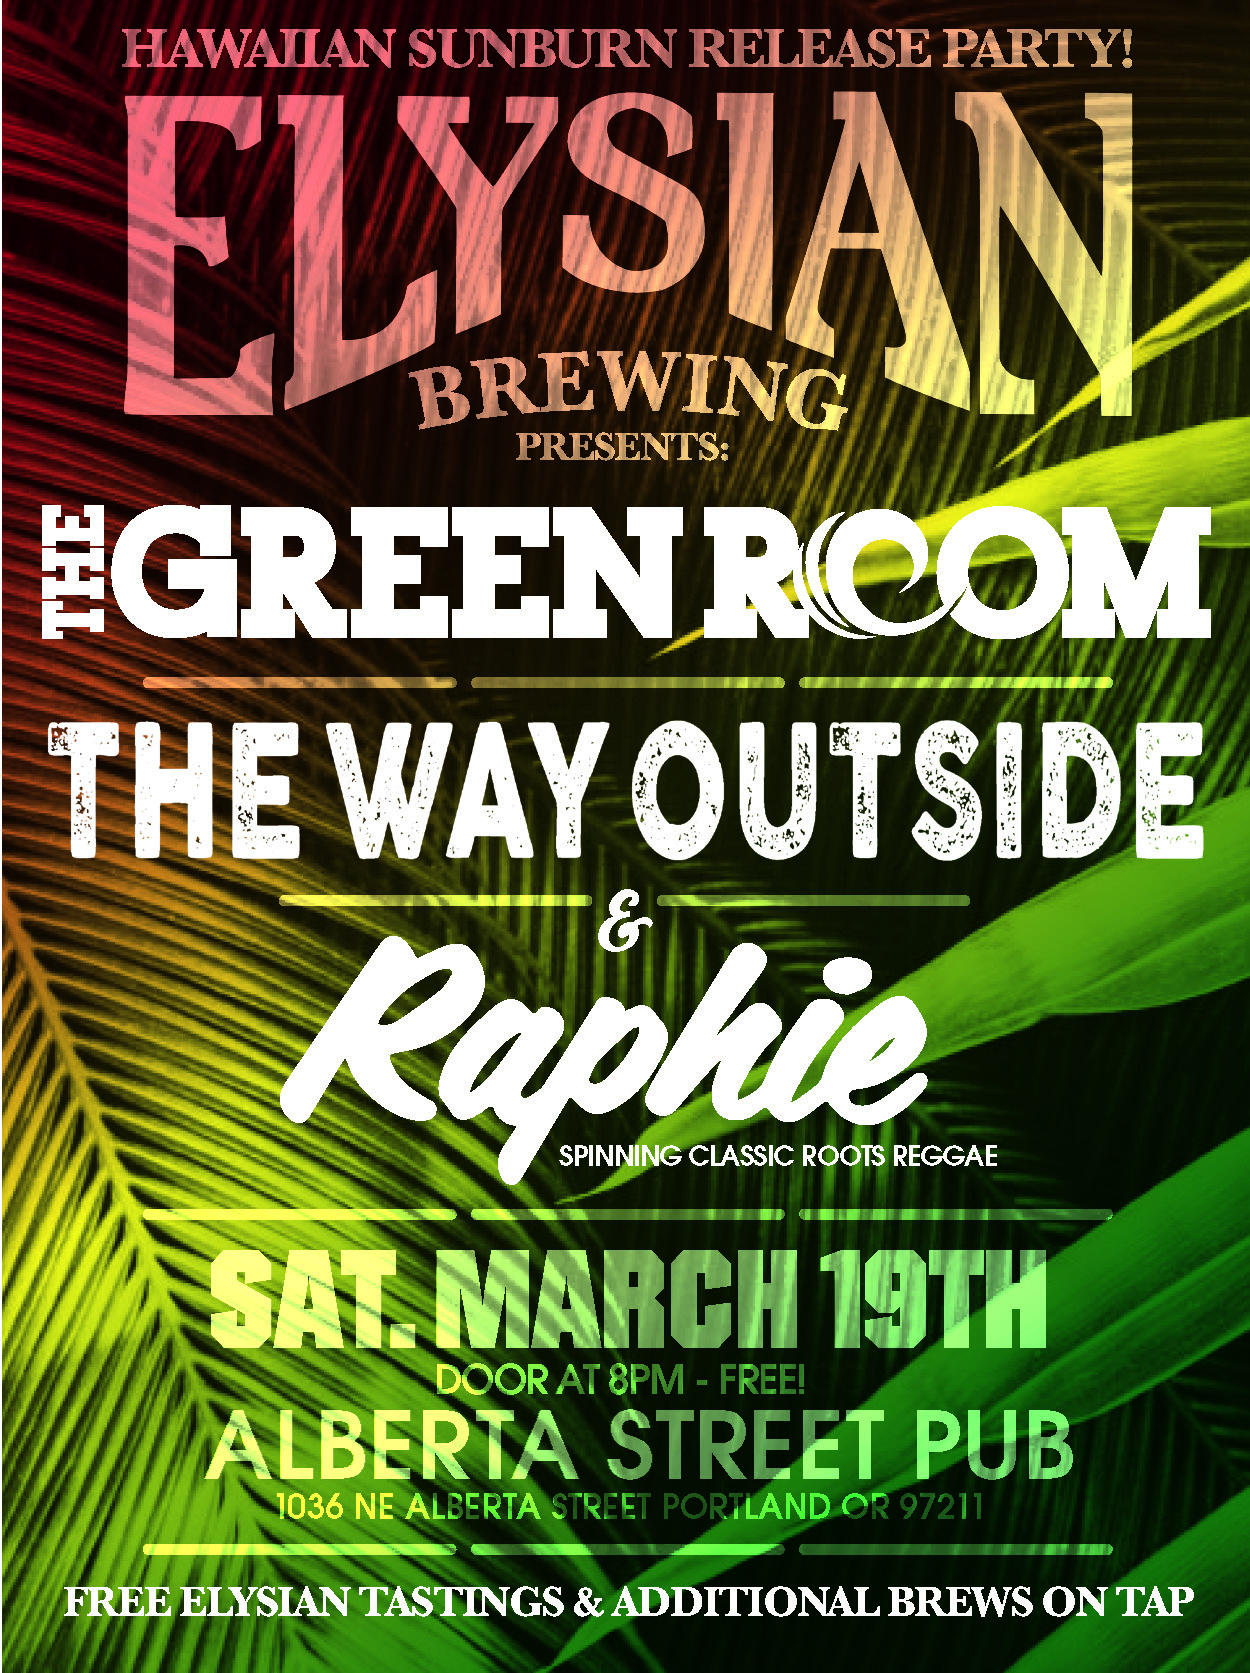 Elysian Brewing Hawaiian Sunburn Release Party